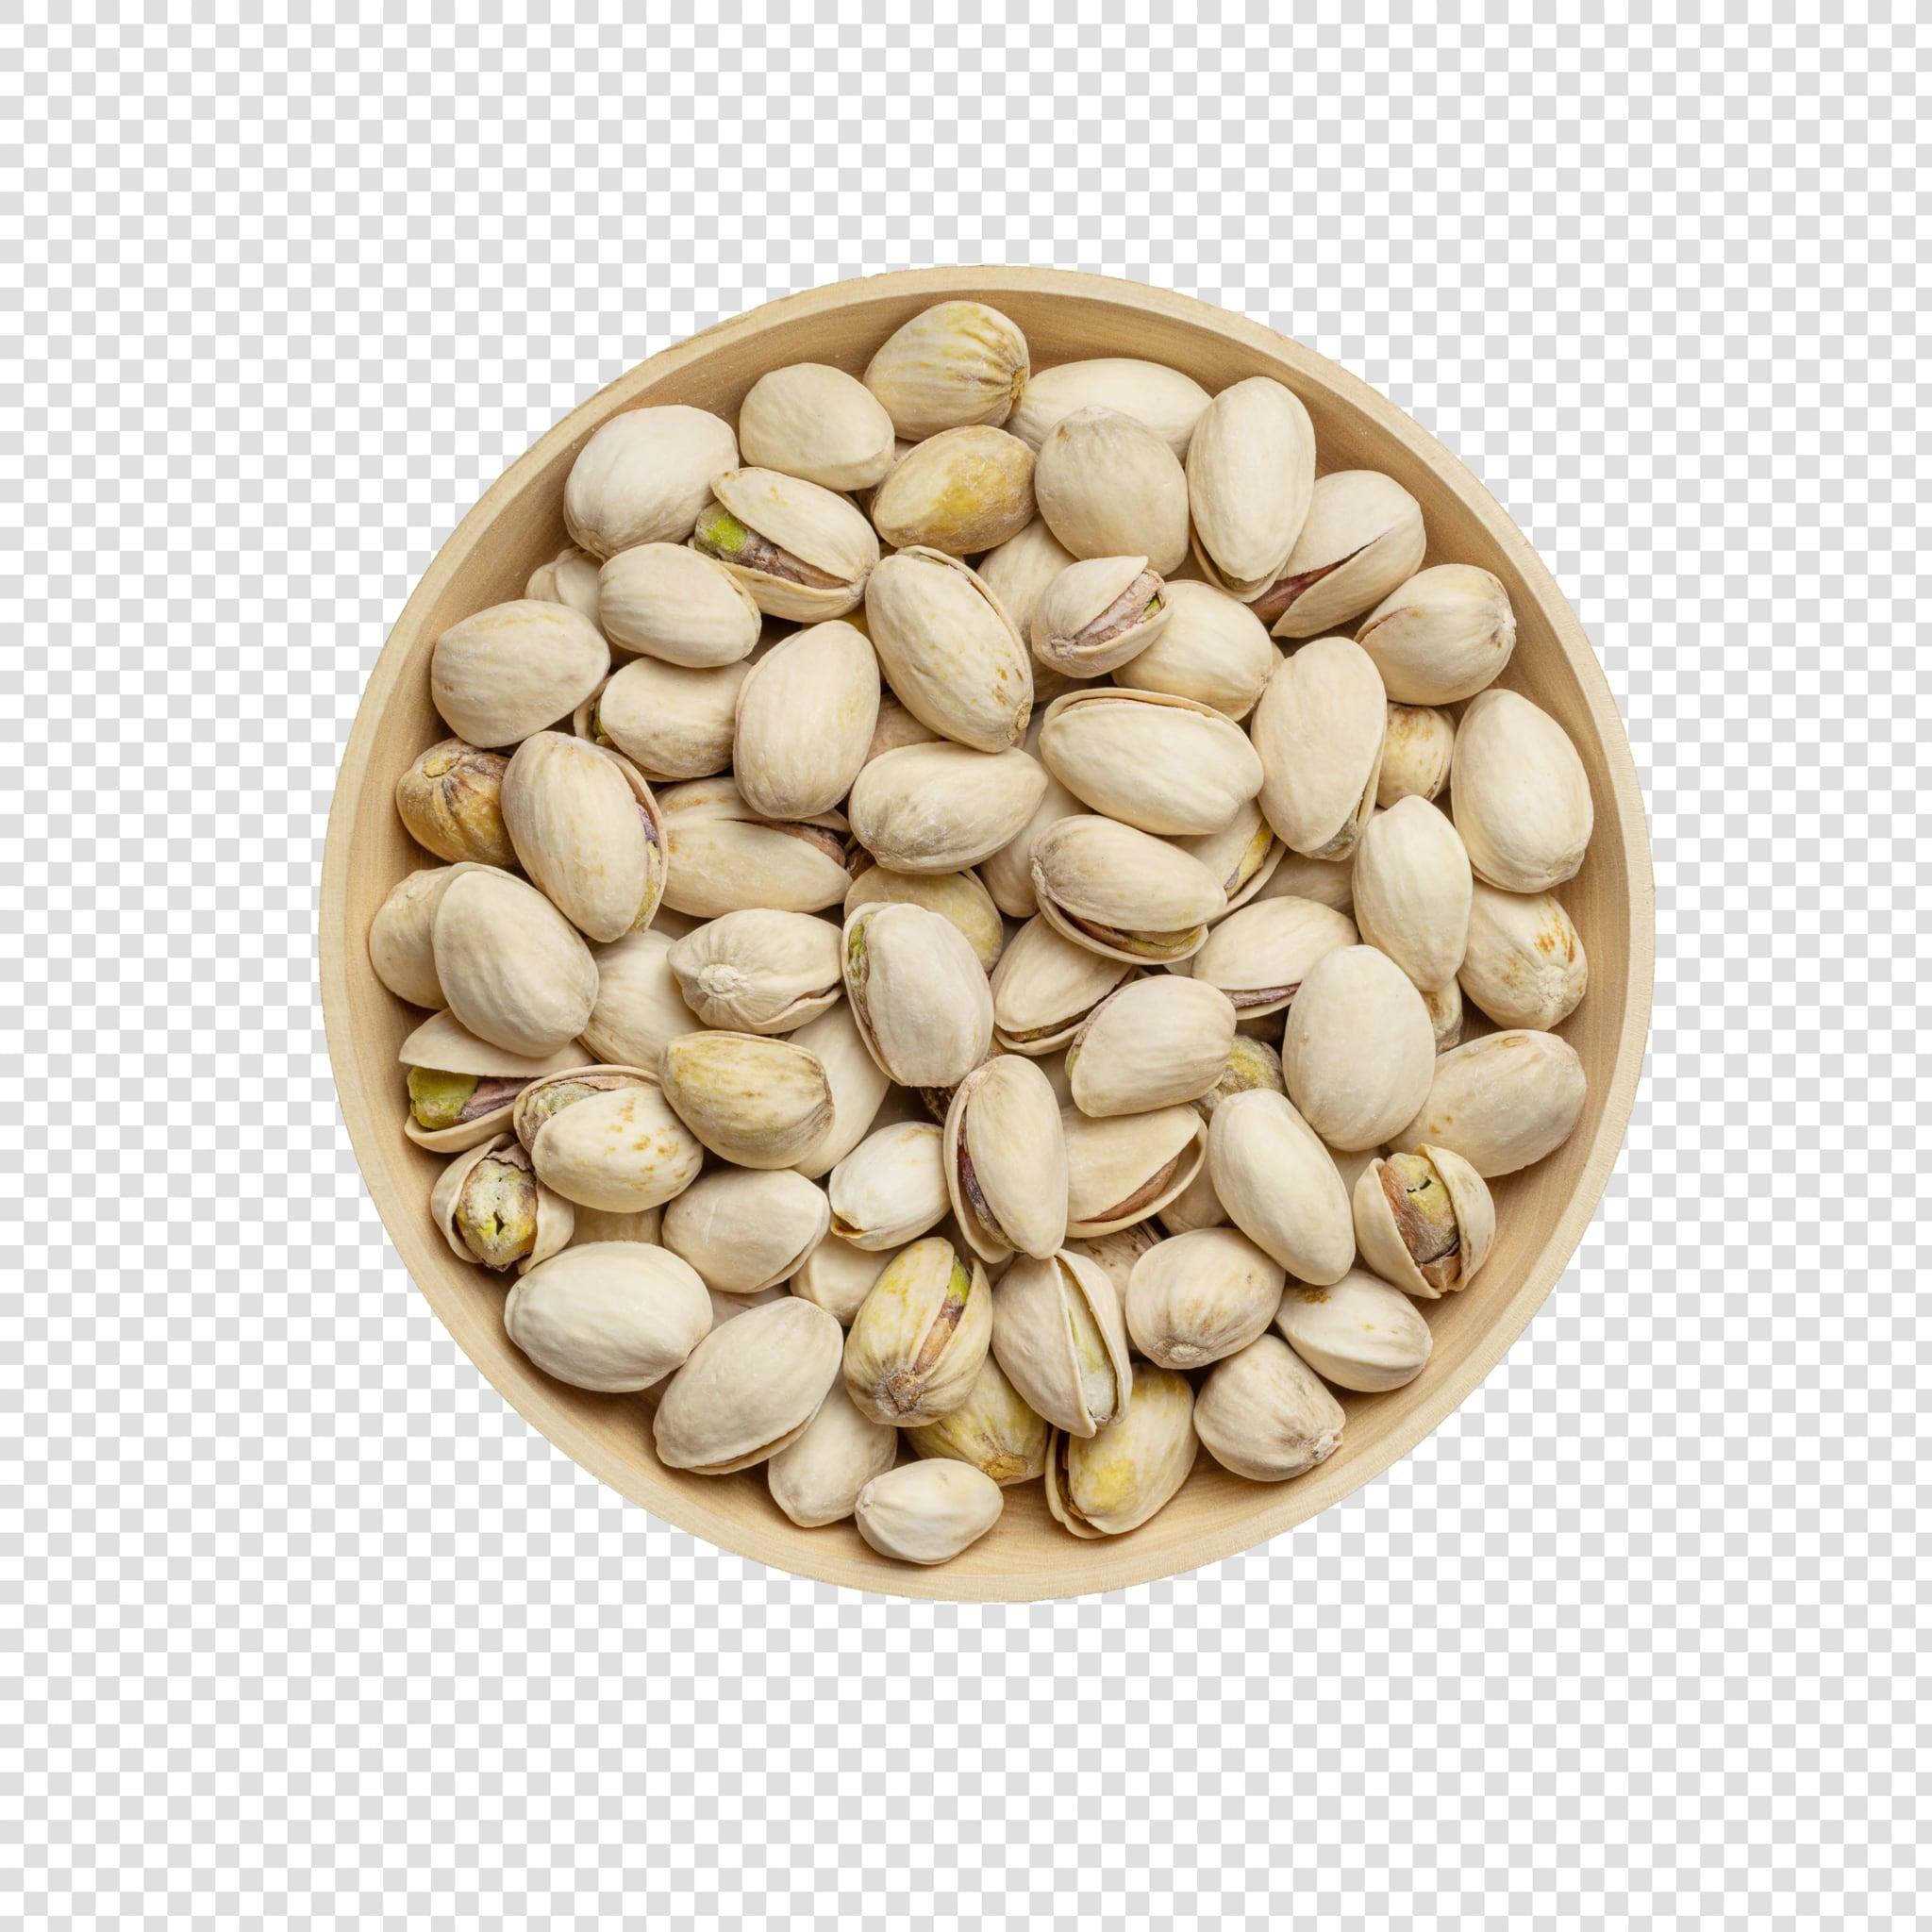 Pistachios PSD image on transparent background